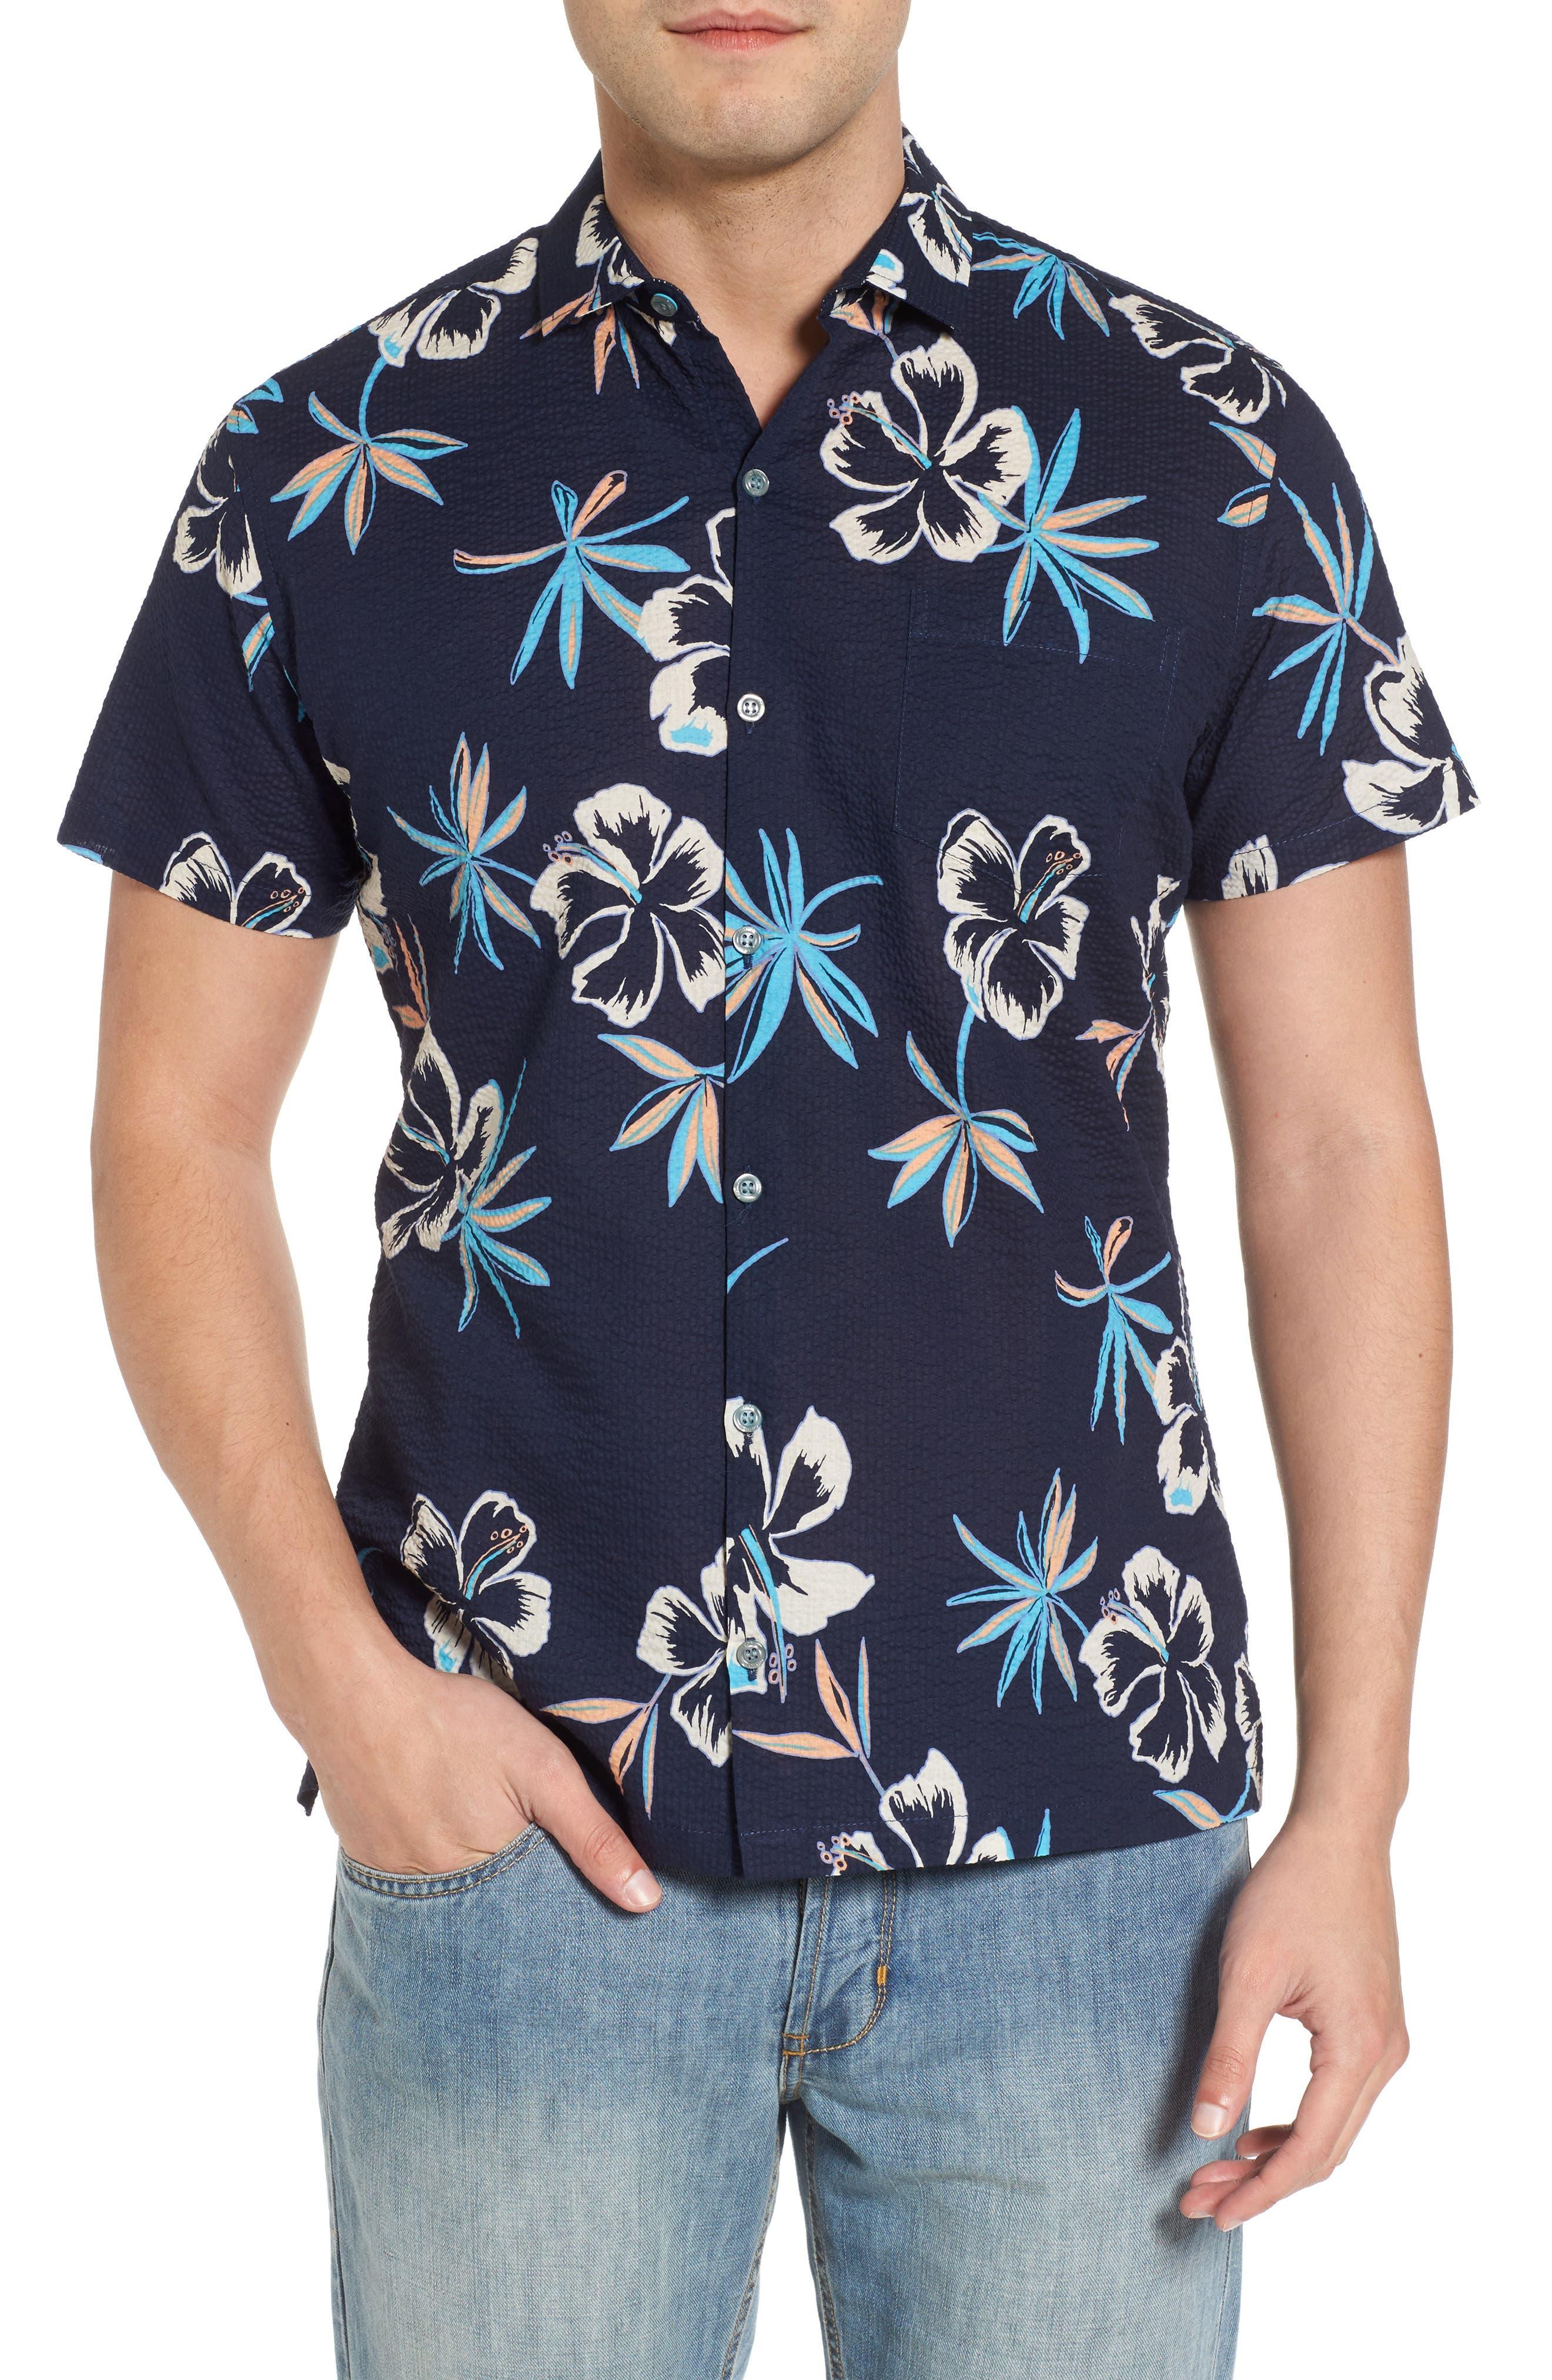 Tori Richard So Fresh Trim Fit Cotton Lawn Sport Shirt